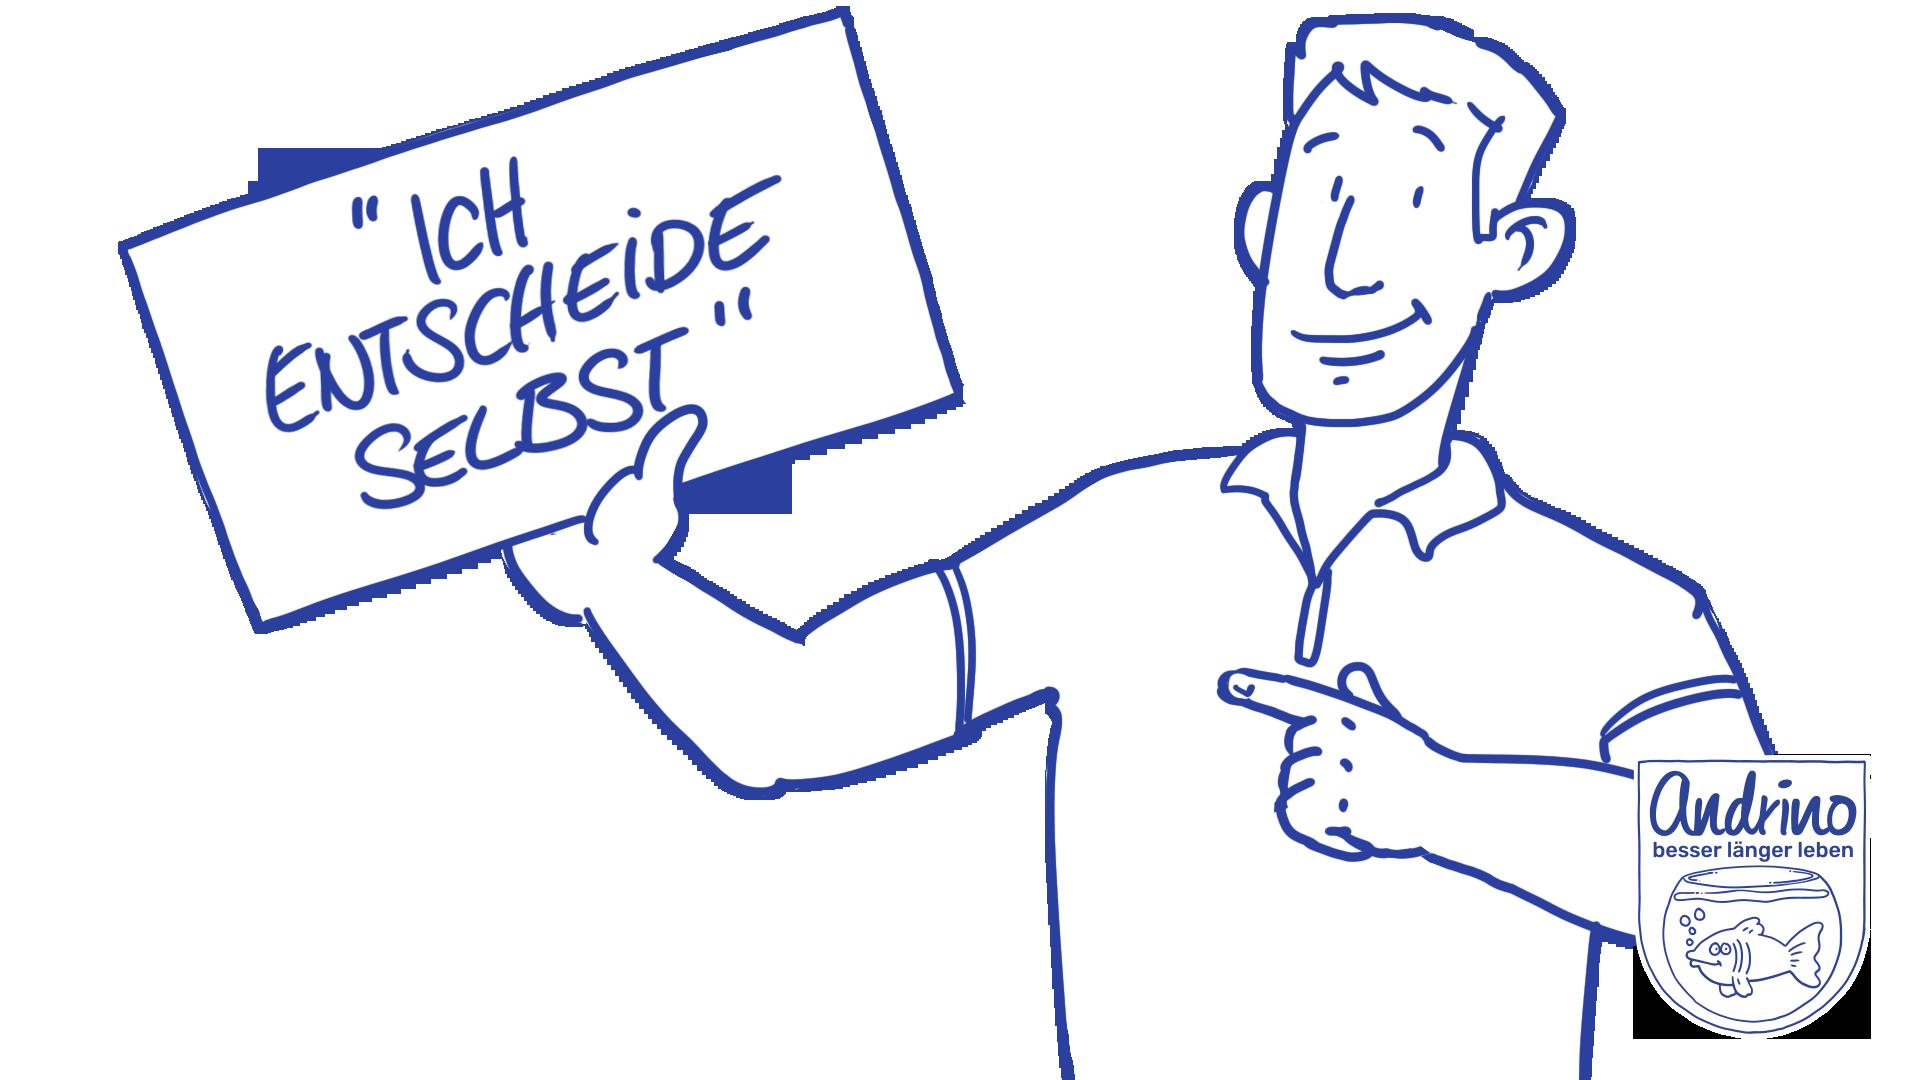 Mündigkeit, Bewusstsein und kritischer Geist: Der richtige Umgang mit Ihrer Gesundheit